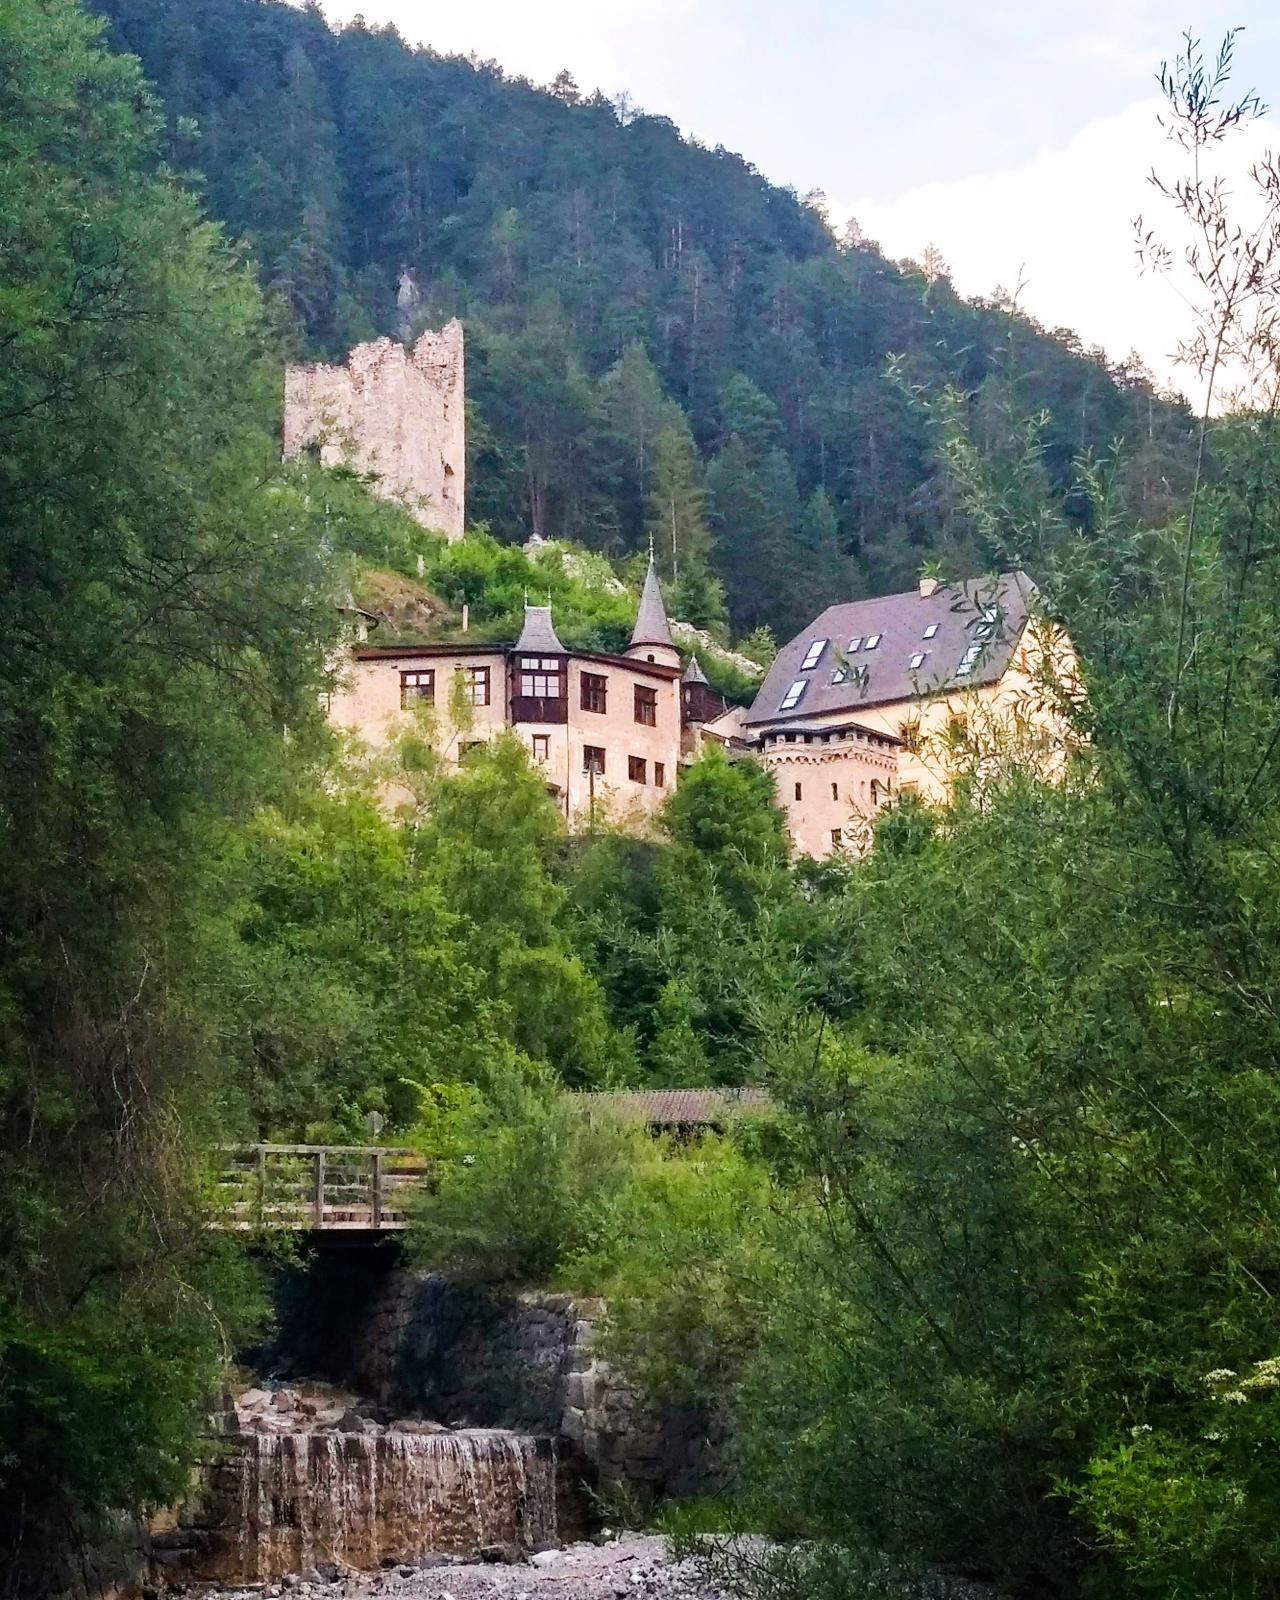 Slottet/hotellet/borgen sticker upp genom trädkronorna och vill man ha hotellfrukost på campingen går det bra att beställa i campingreceptionen.